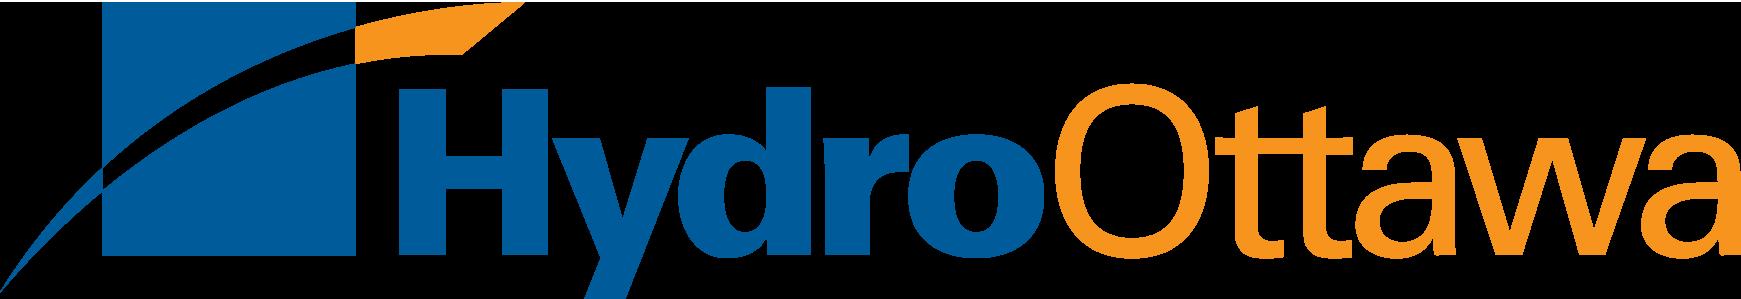 Media - Logo - Hydro Ottawa